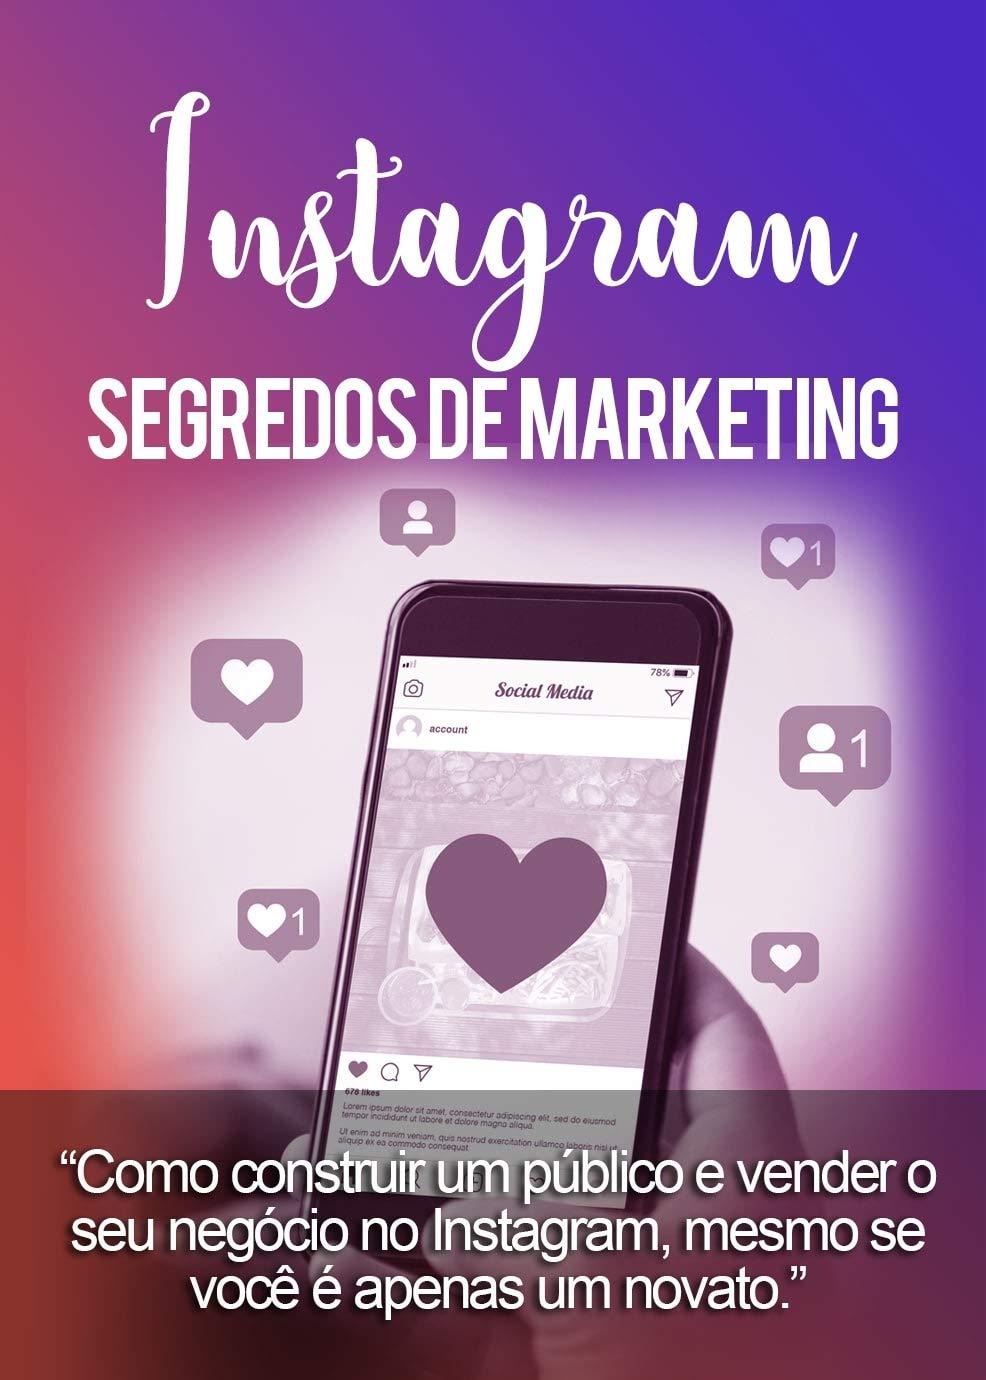 Segredos de Marketing: Como construir um público e vender o seu negócio no Instagram, mesmo se você é apenas um novato (Portuguese Edition)